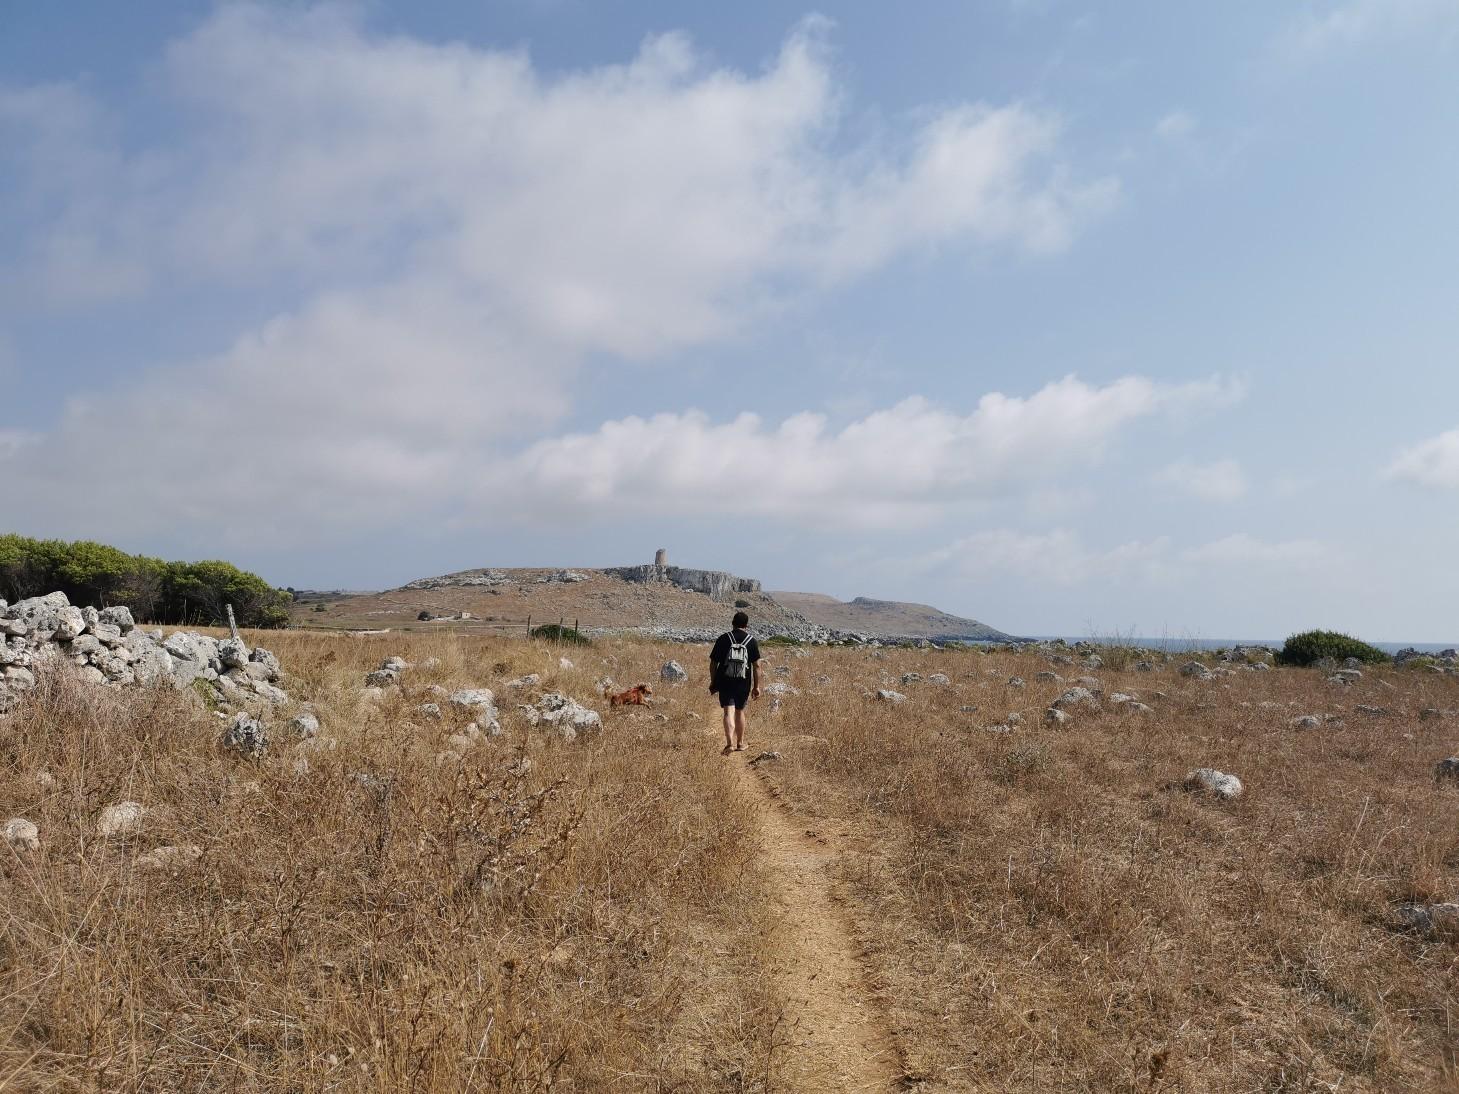 エメラルドグリーンの入り江と丘の上の塔~プーリア滞在記_f0106597_03362021.jpg